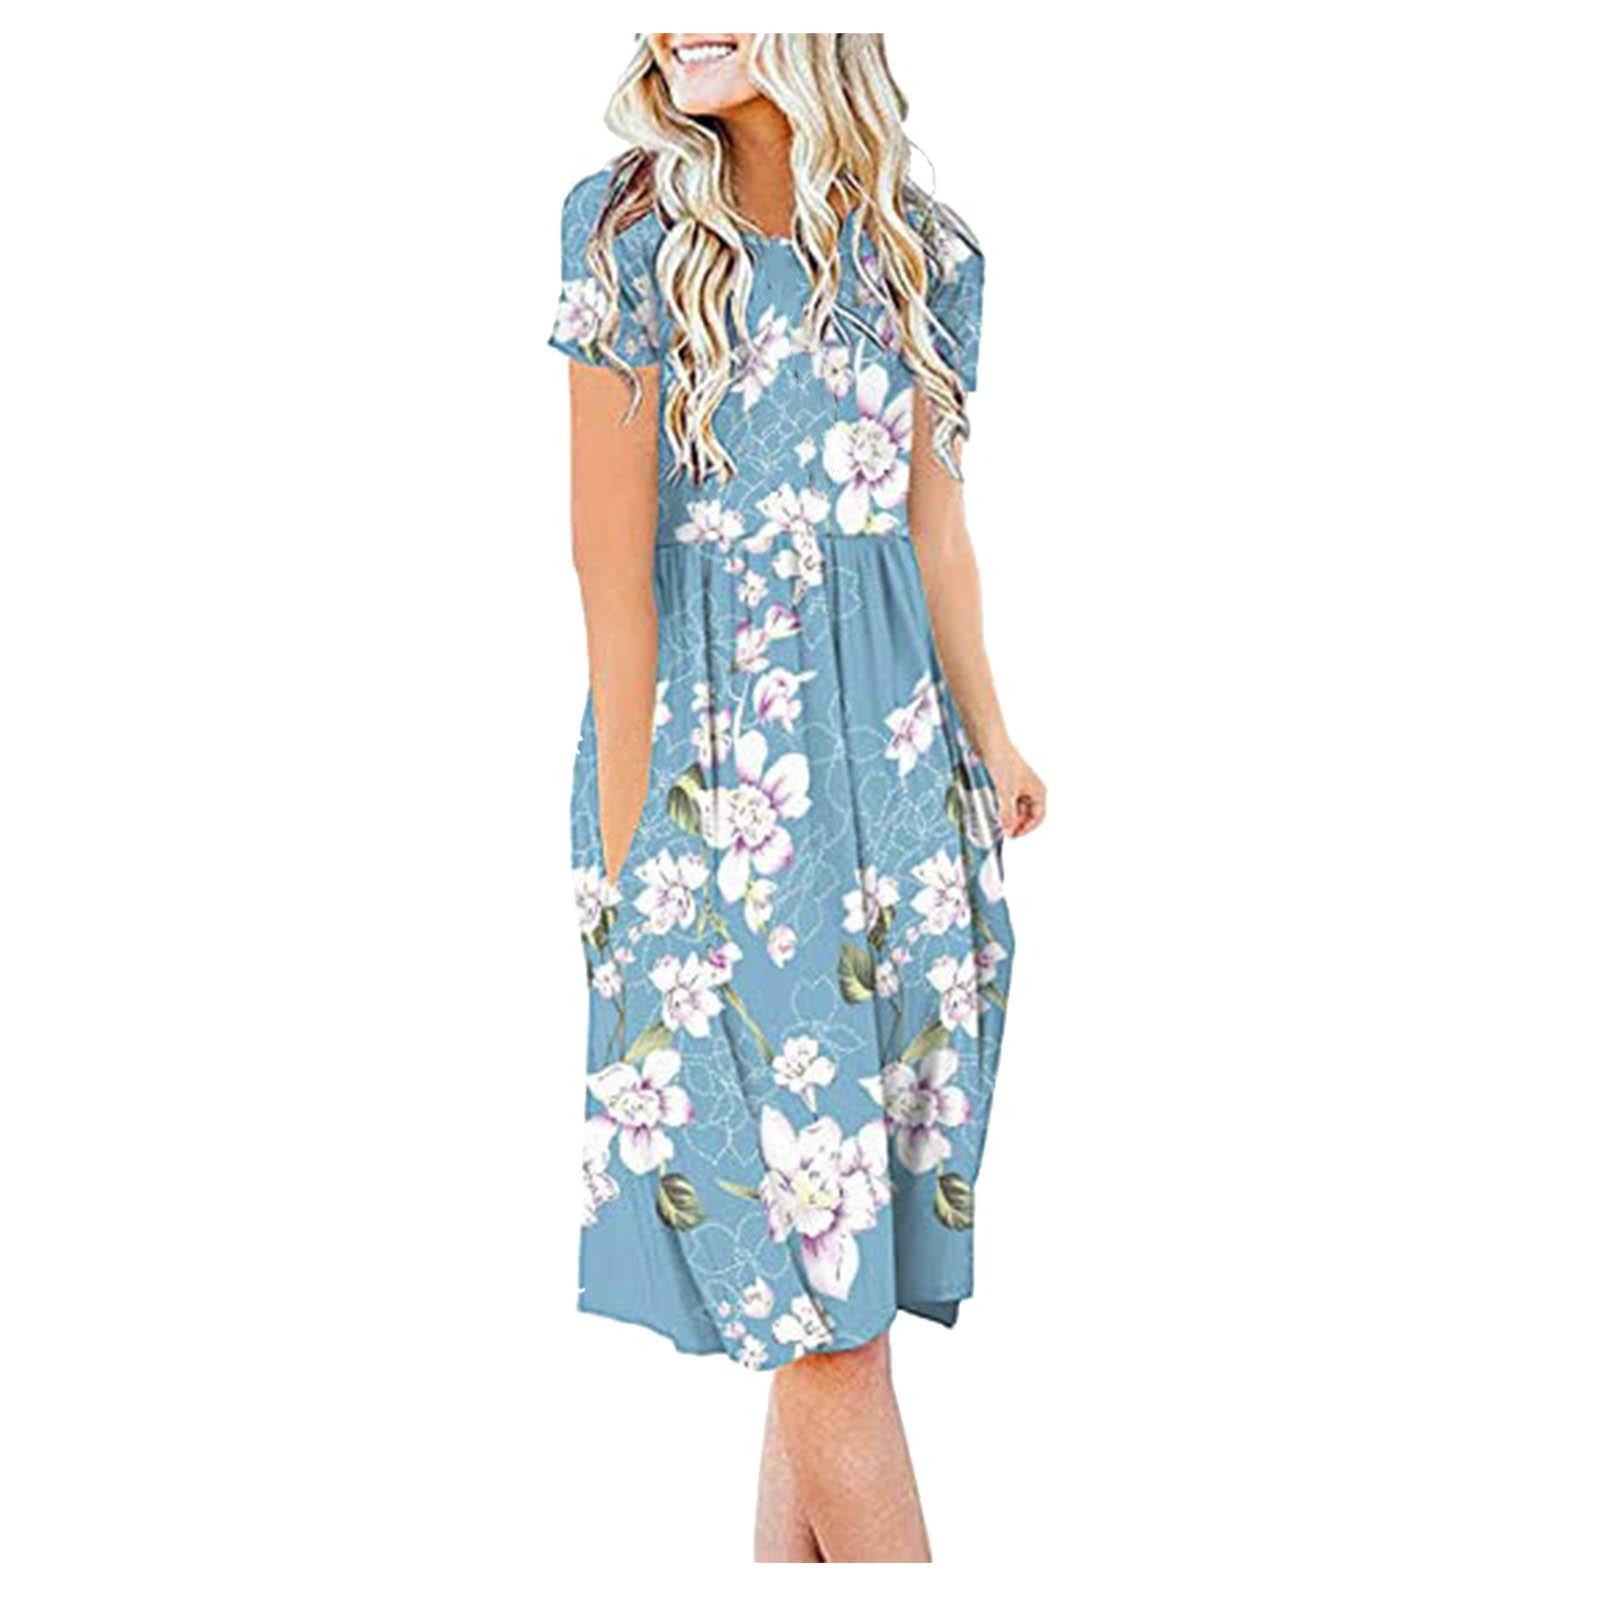 Women Summer Casual Short Sleeve Dresses Empire Waist Dress with Pockets 3